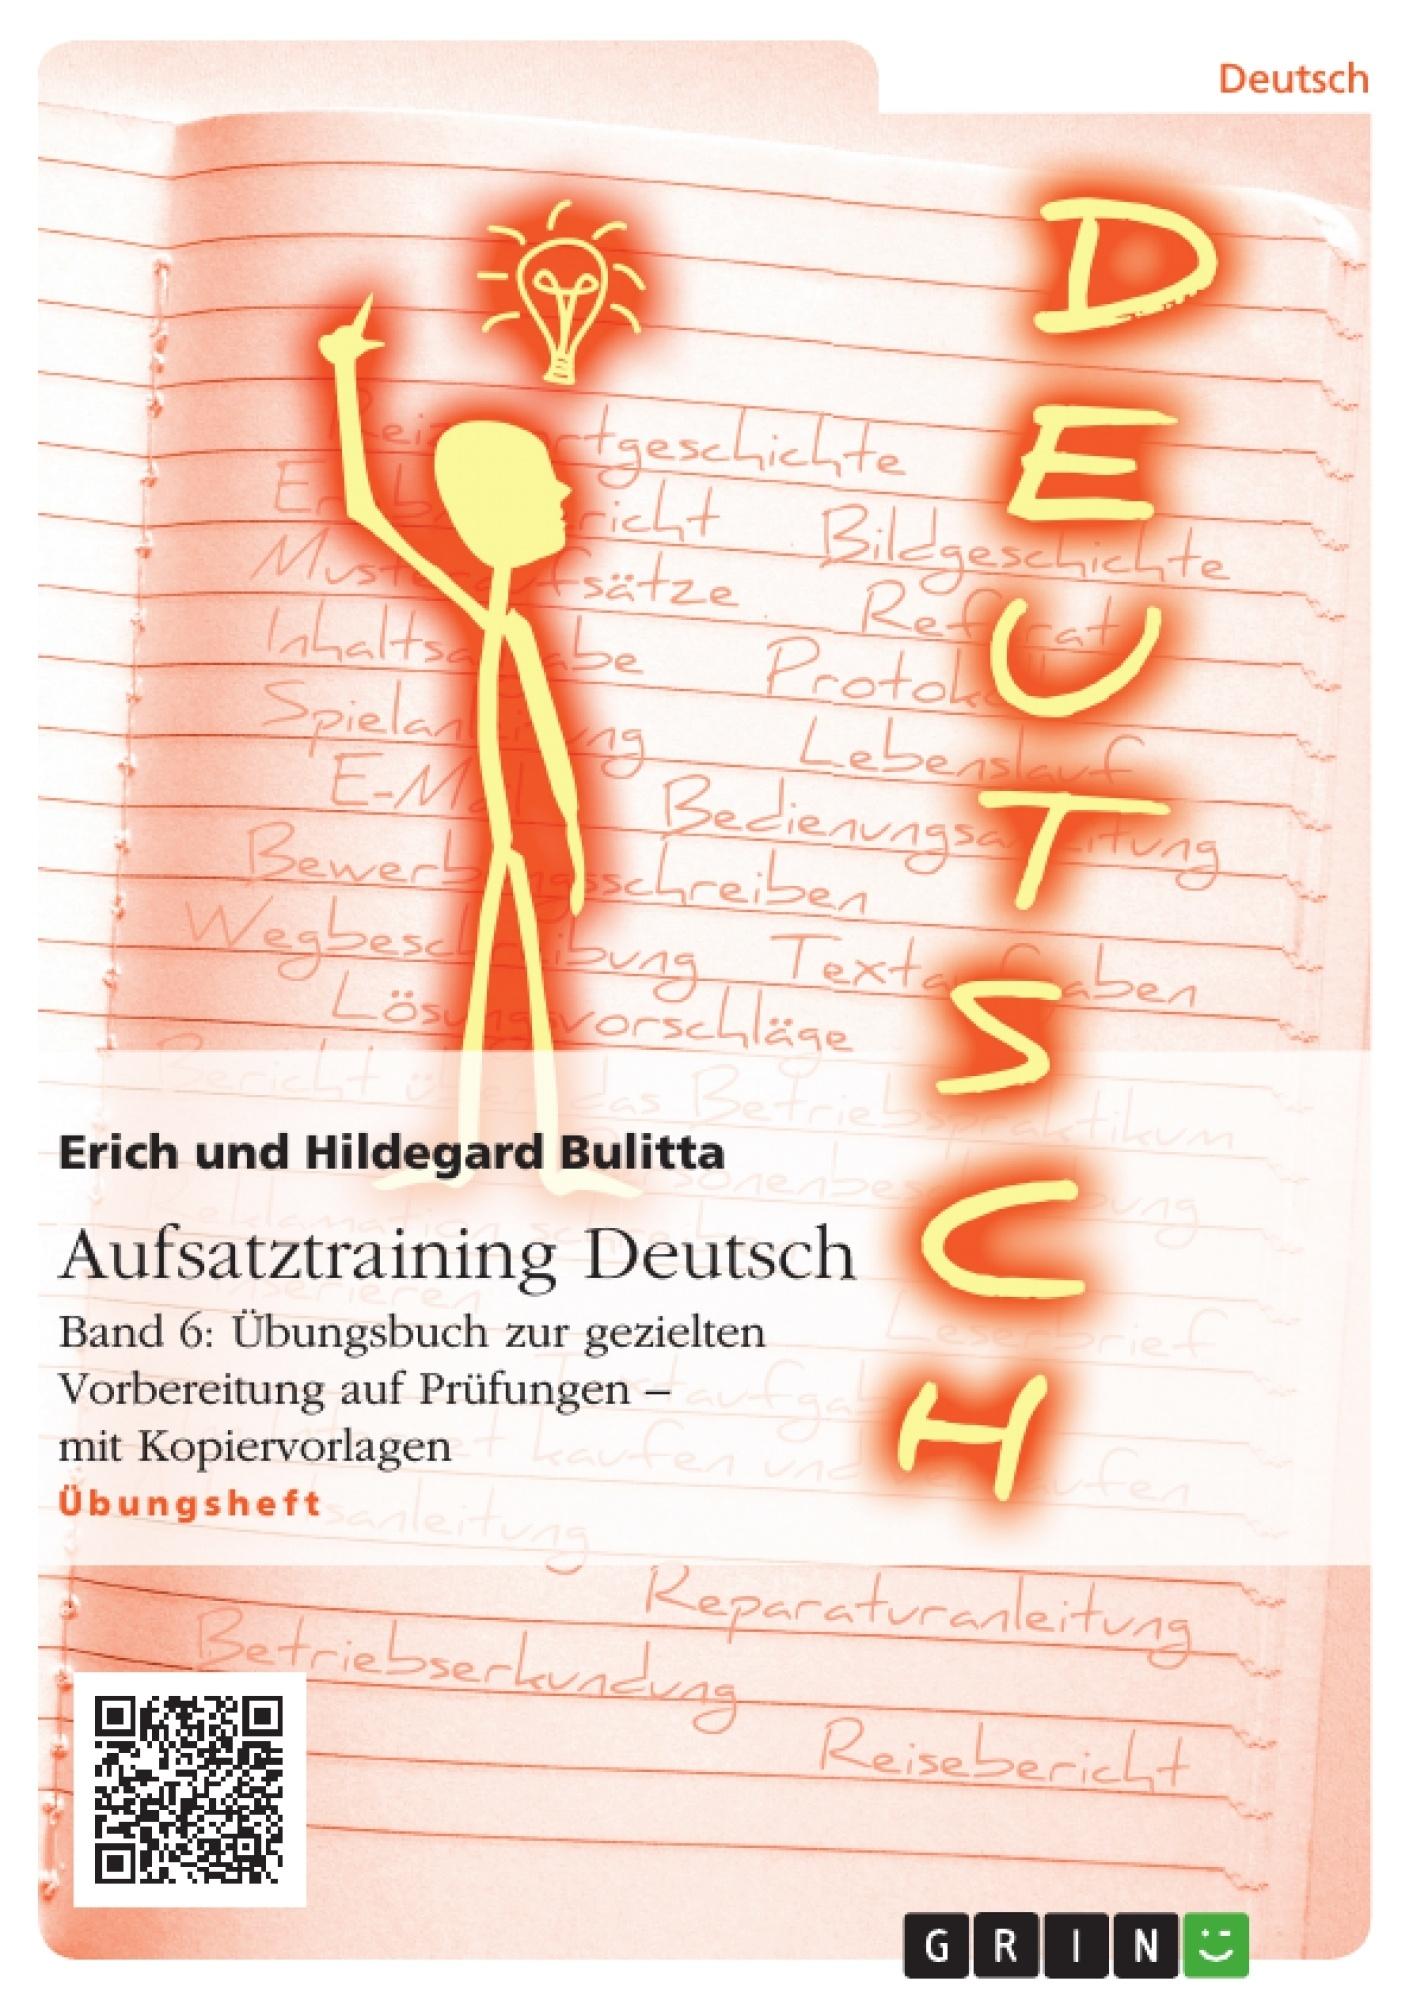 Titel: Aufsatztraining Deutsch - Band 6: Übungsbuch zur gezielten Vorbereitung auf Prüfungen - mit Kopiervorlagen